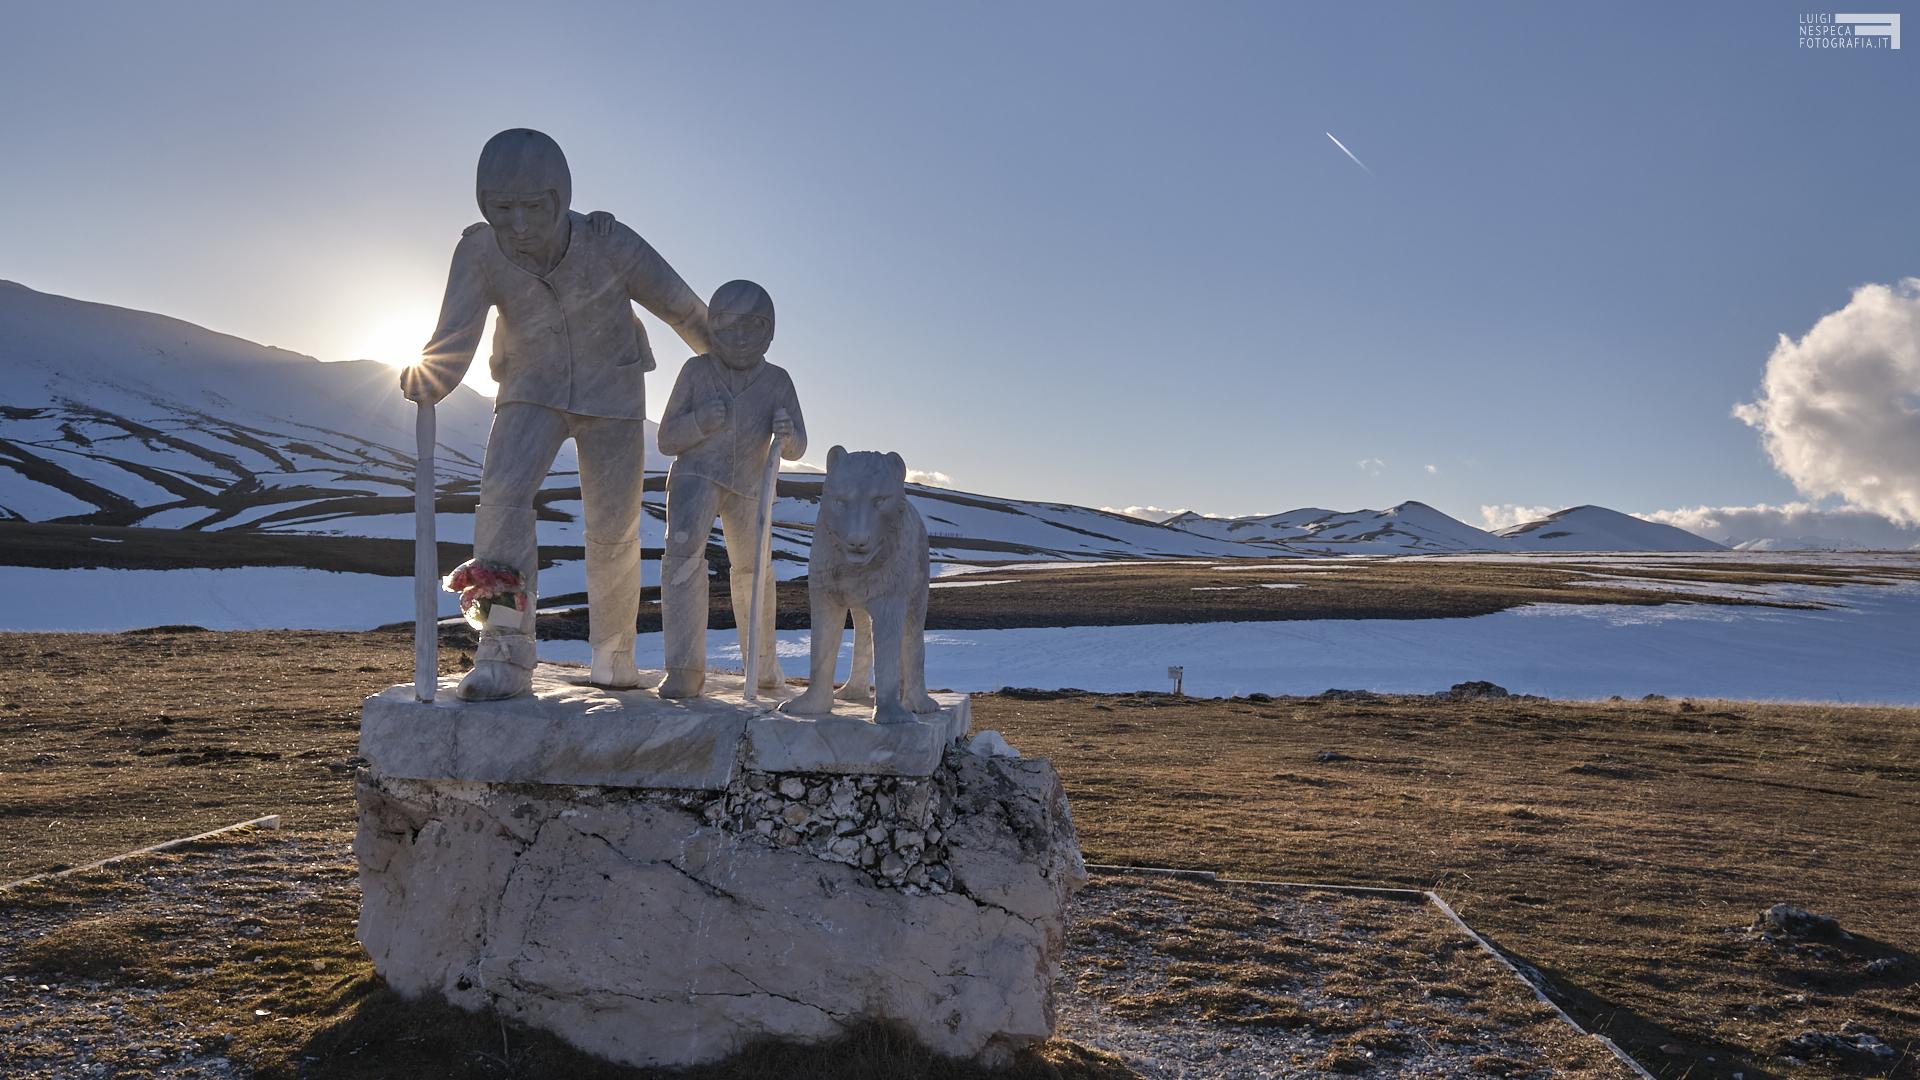 Febbraio 2021 - il monumento al Pastore Pupo Nunzio - Campo Imperatore - GRAN SASSO